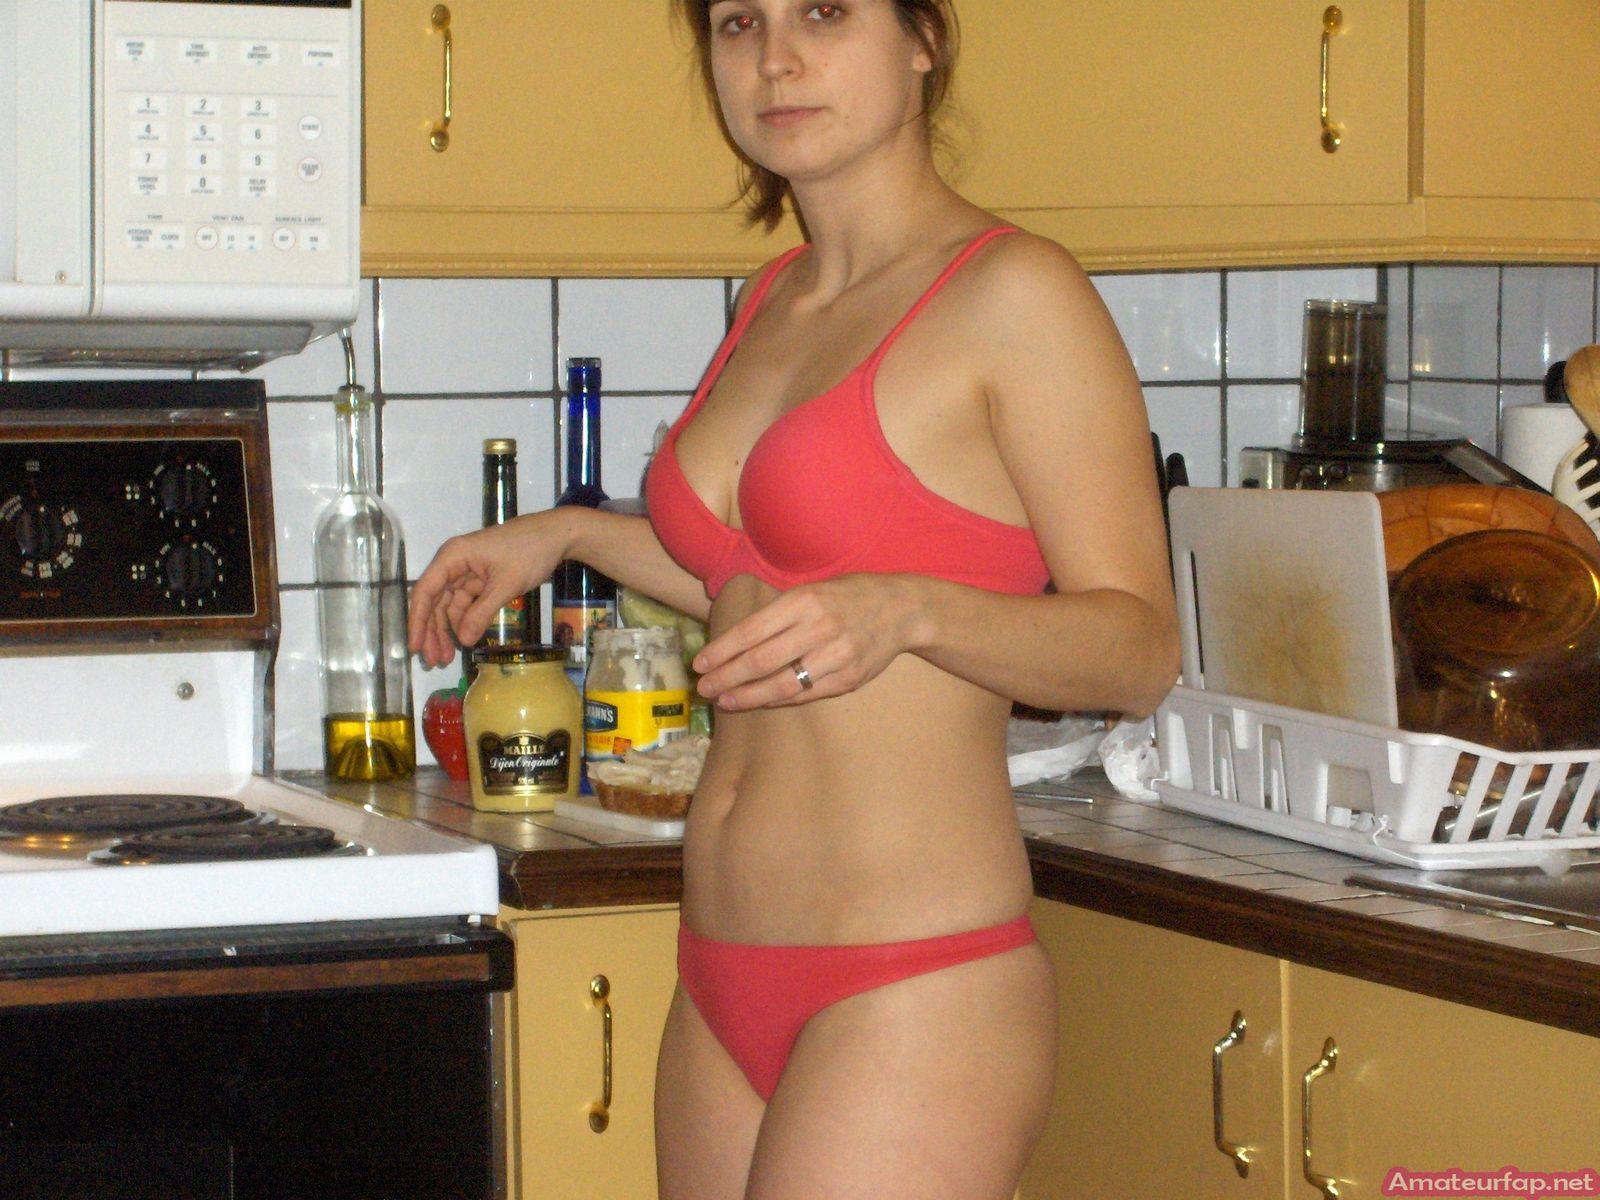 Деваха показывает, что она может получать удовольствие не только от фаллоса, но и от вибратора